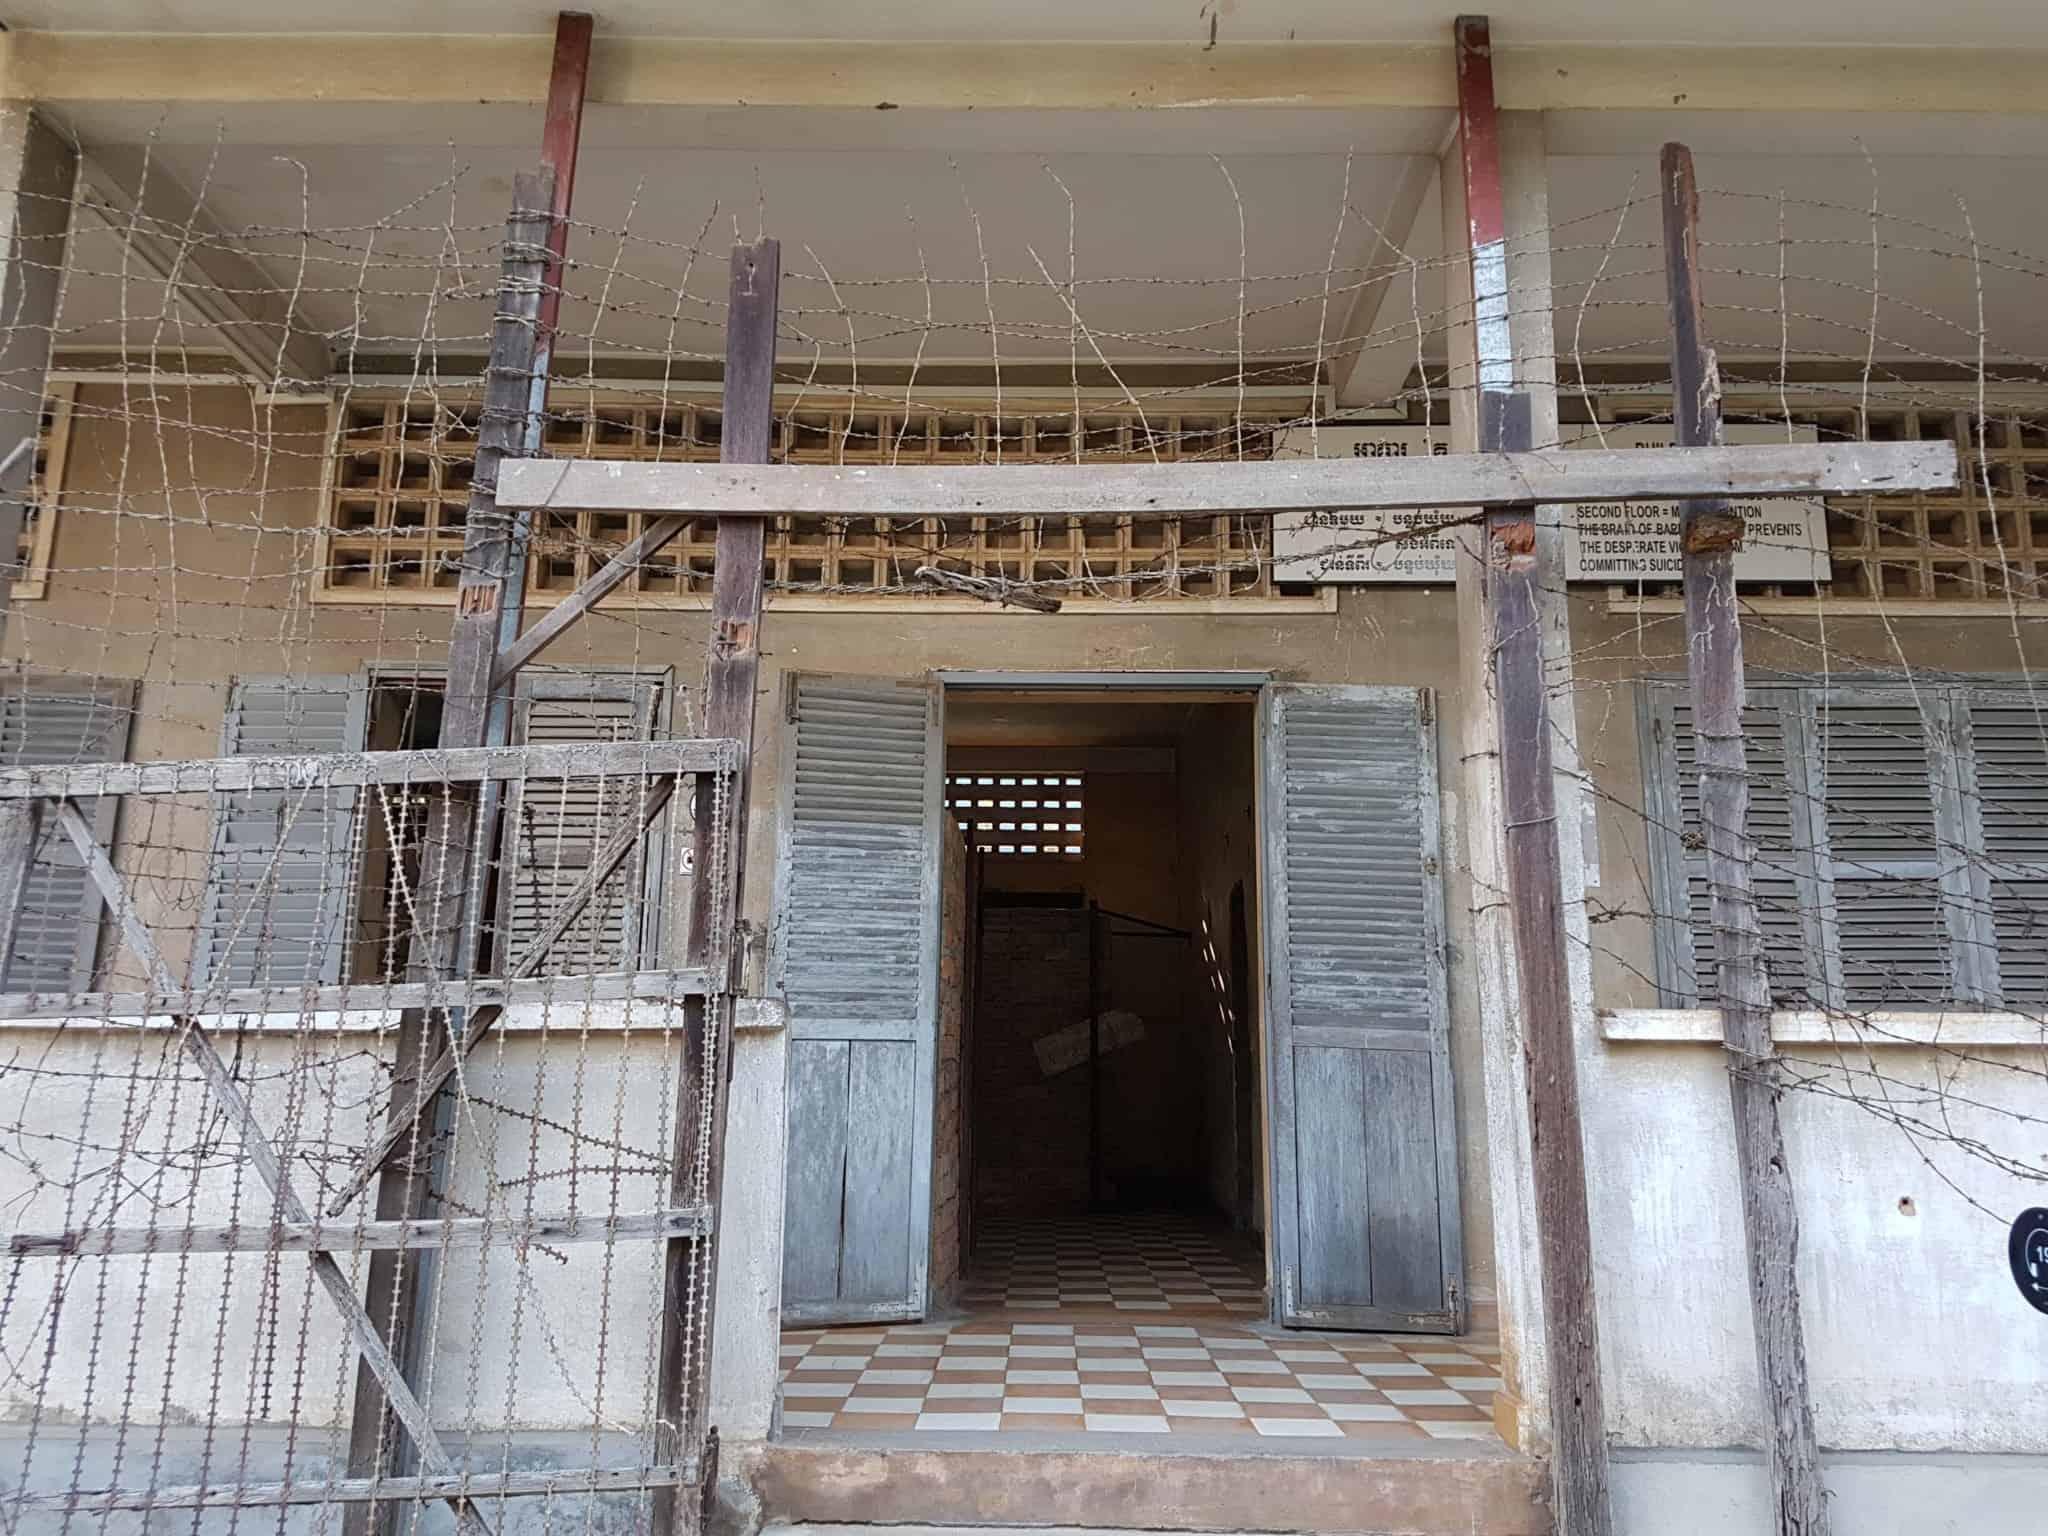 Cambodge, histoire du génocide et visite de la prison S21 😥 6